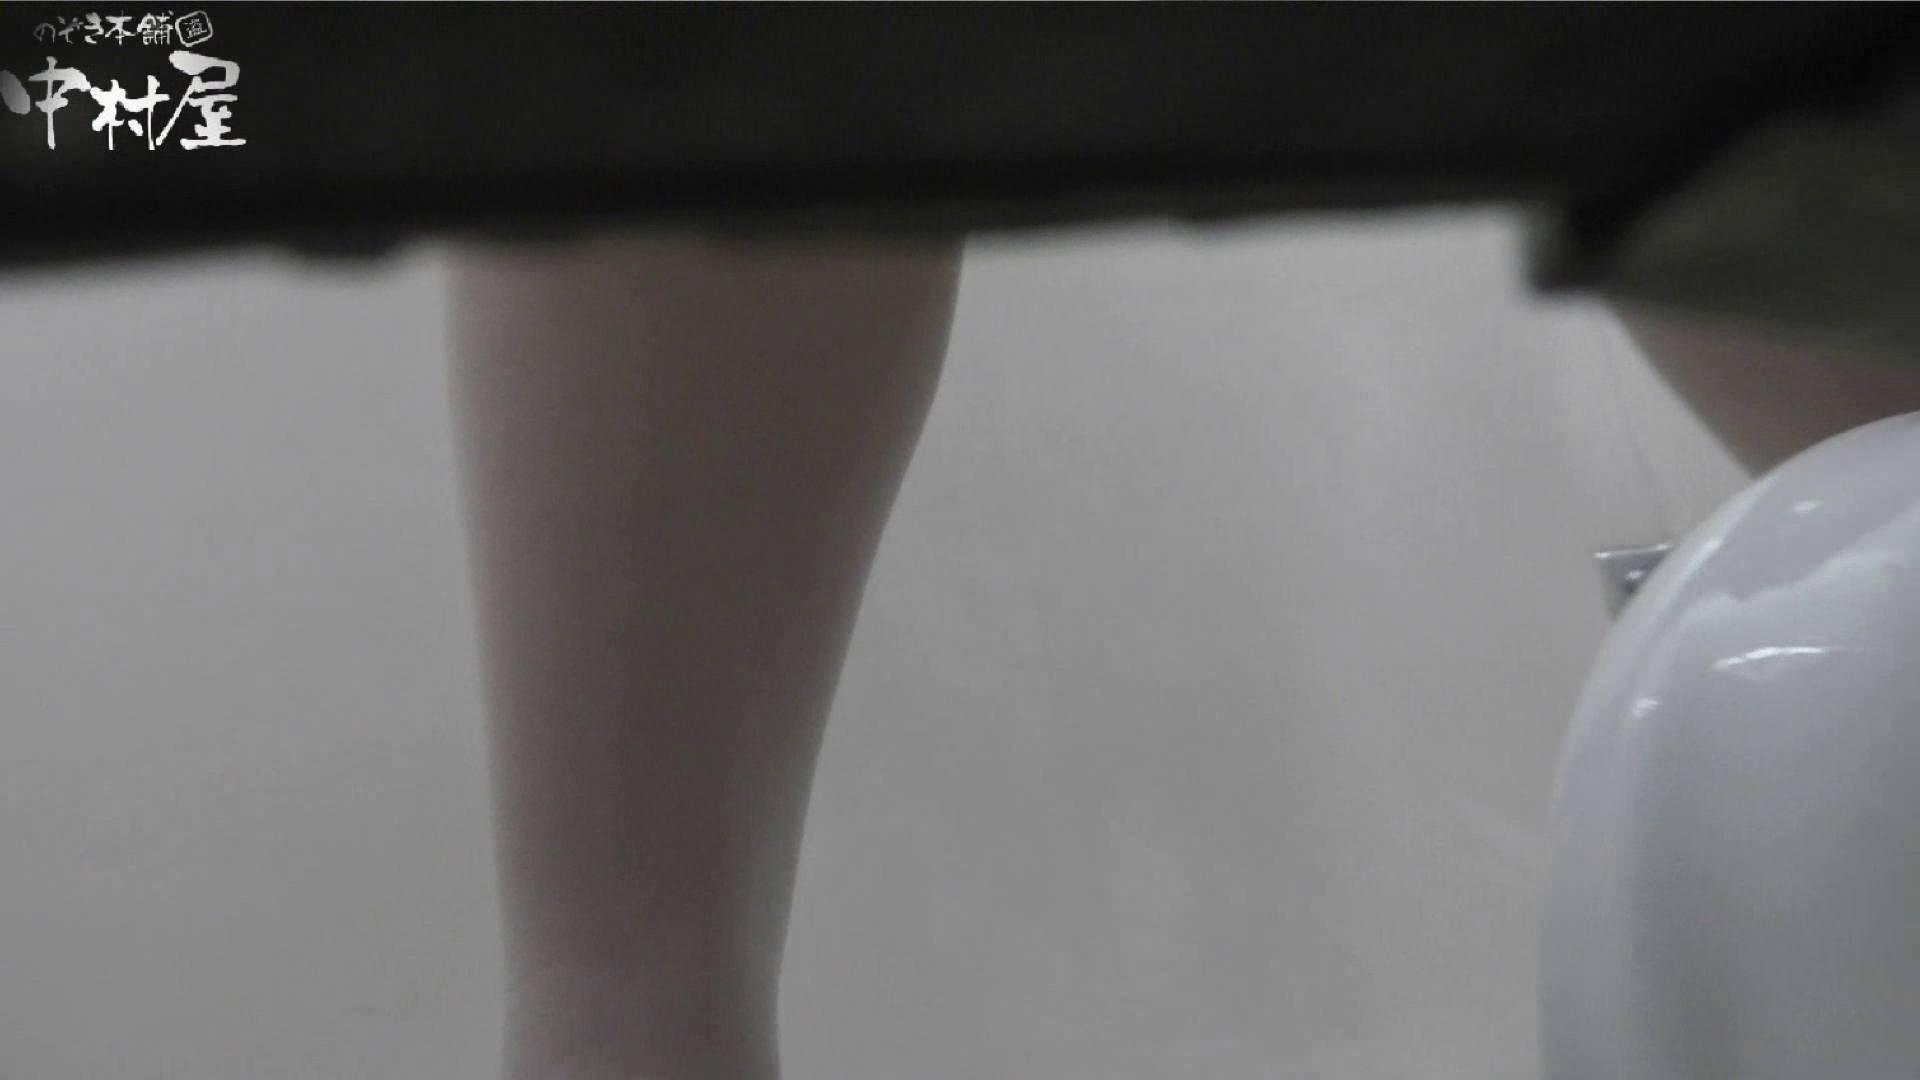 vol.32 命がけ潜伏洗面所! ポニテのケツ毛 美しいOLの裸体  71pic 20